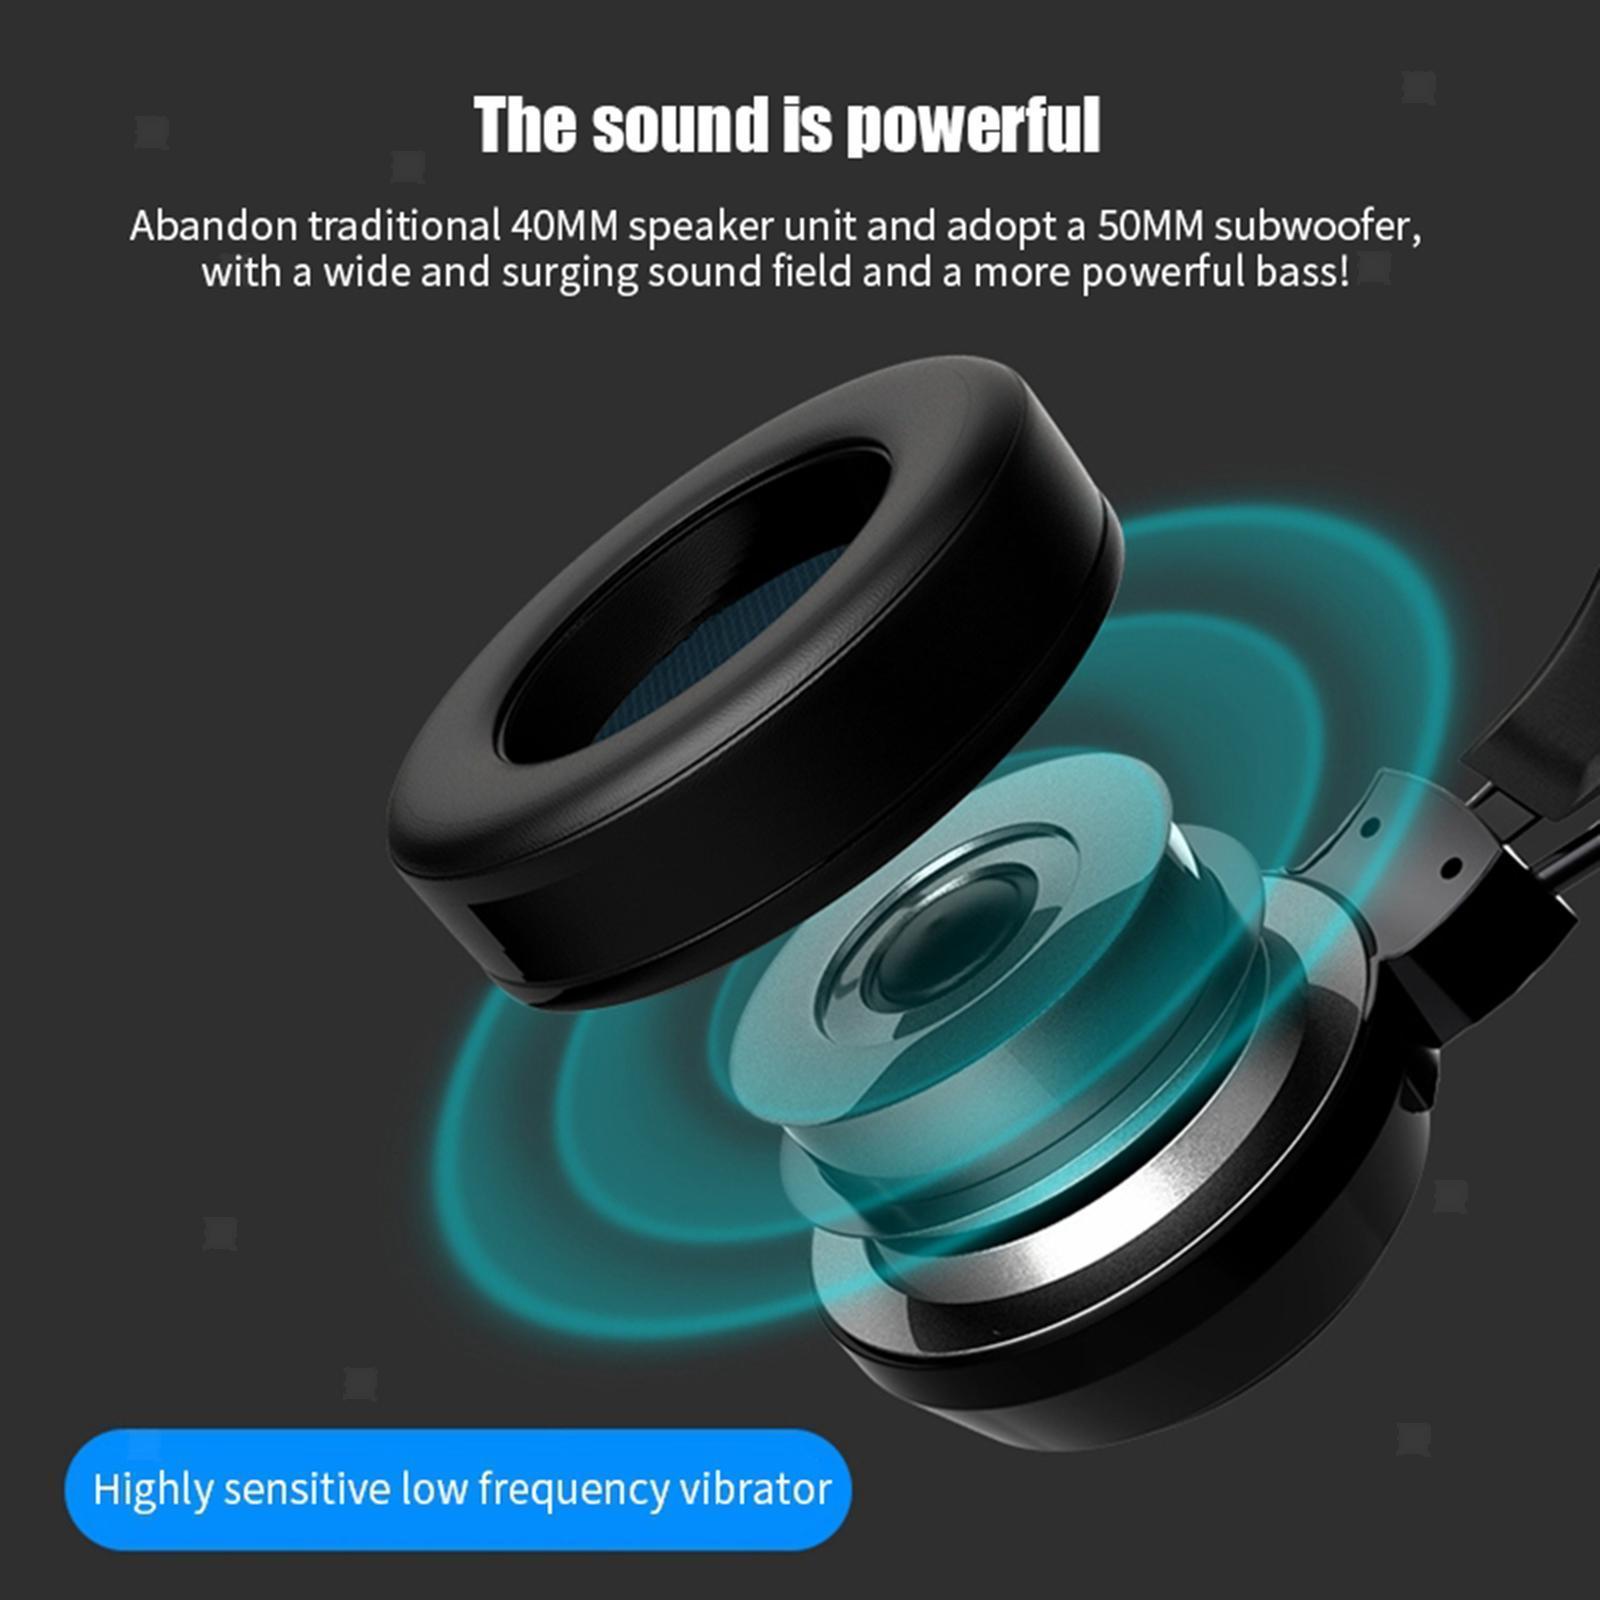 miniature 21 - Confortable Coloré LED   Gaming Headset 7.1 Surround Sound pour PC